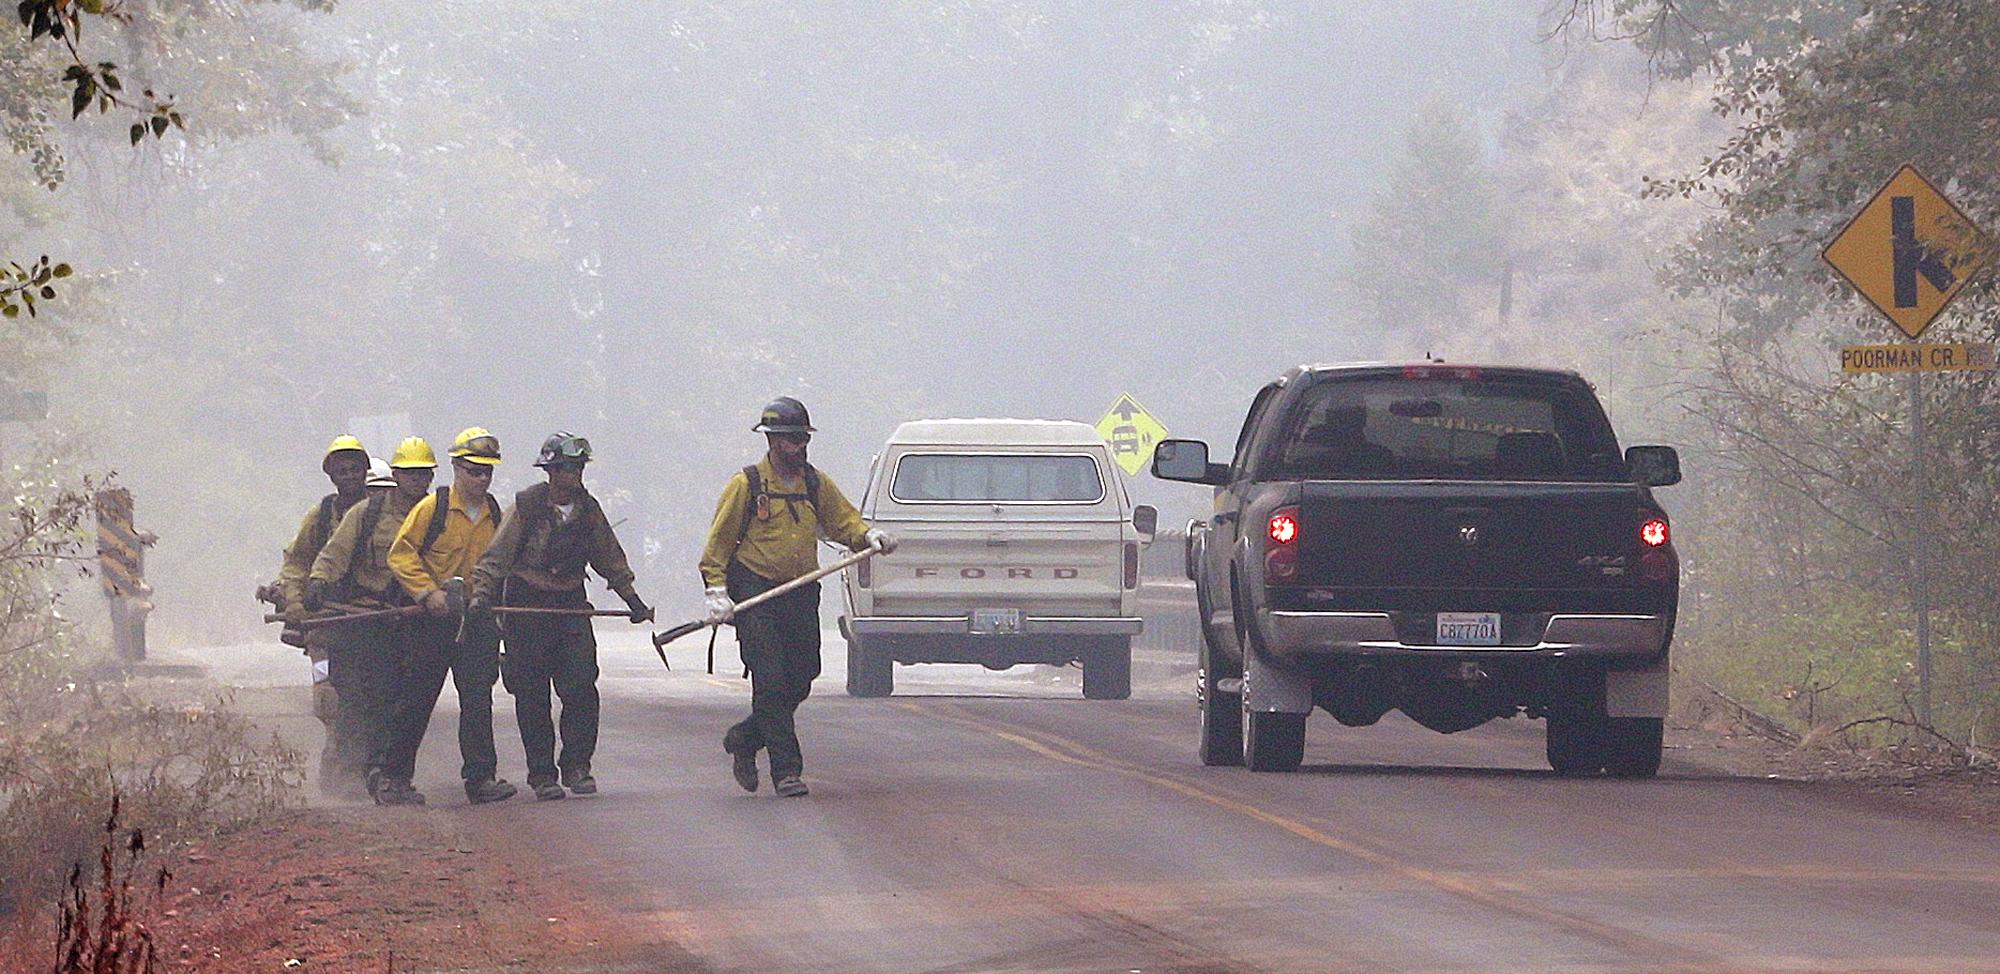 Photo: Washington Wildfire Aug 23 2015 (AP)